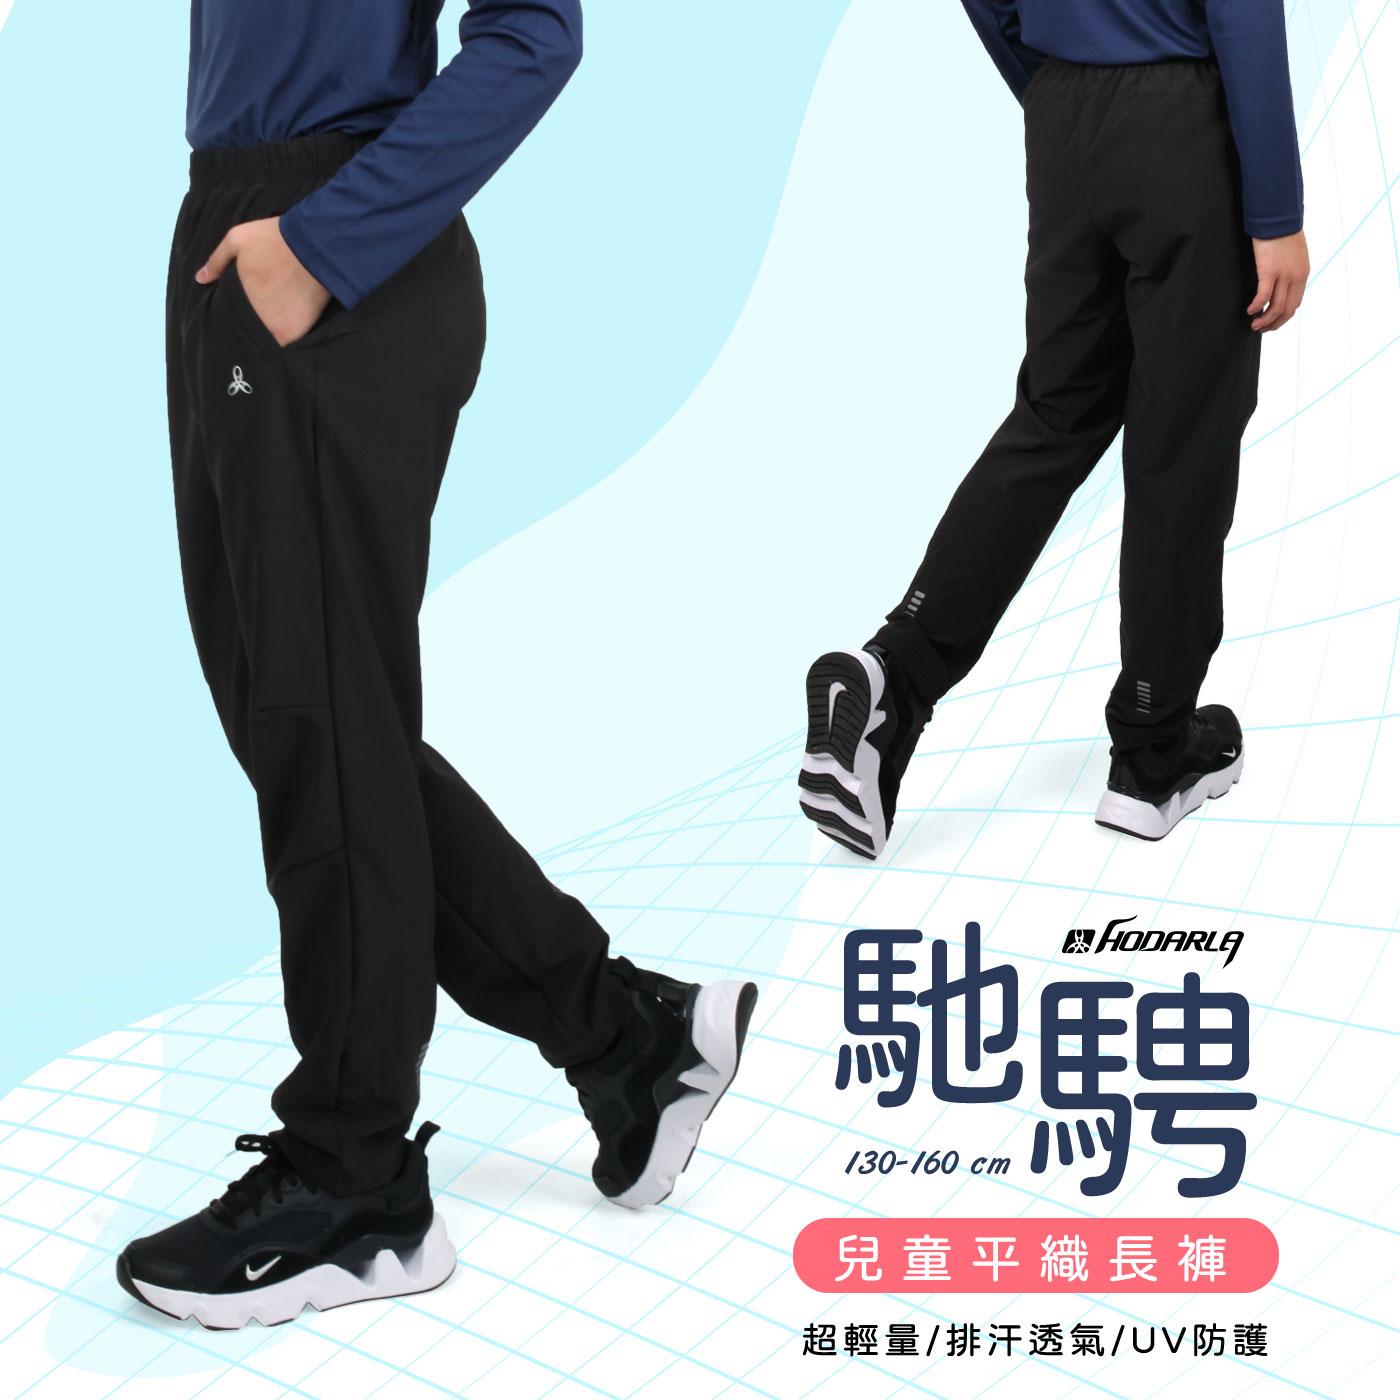 HODARLA 童-馳騁平織彈性長褲 3158501